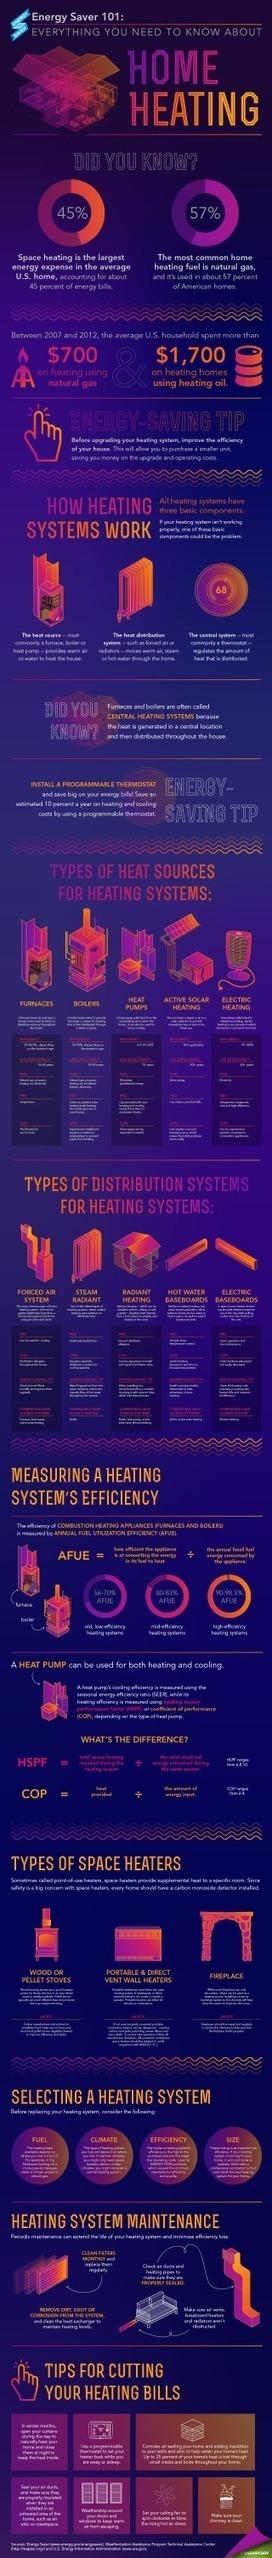 Energy Saver 101 Infographic: Home Heating | Infraestructura Sostenible | Scoop.it